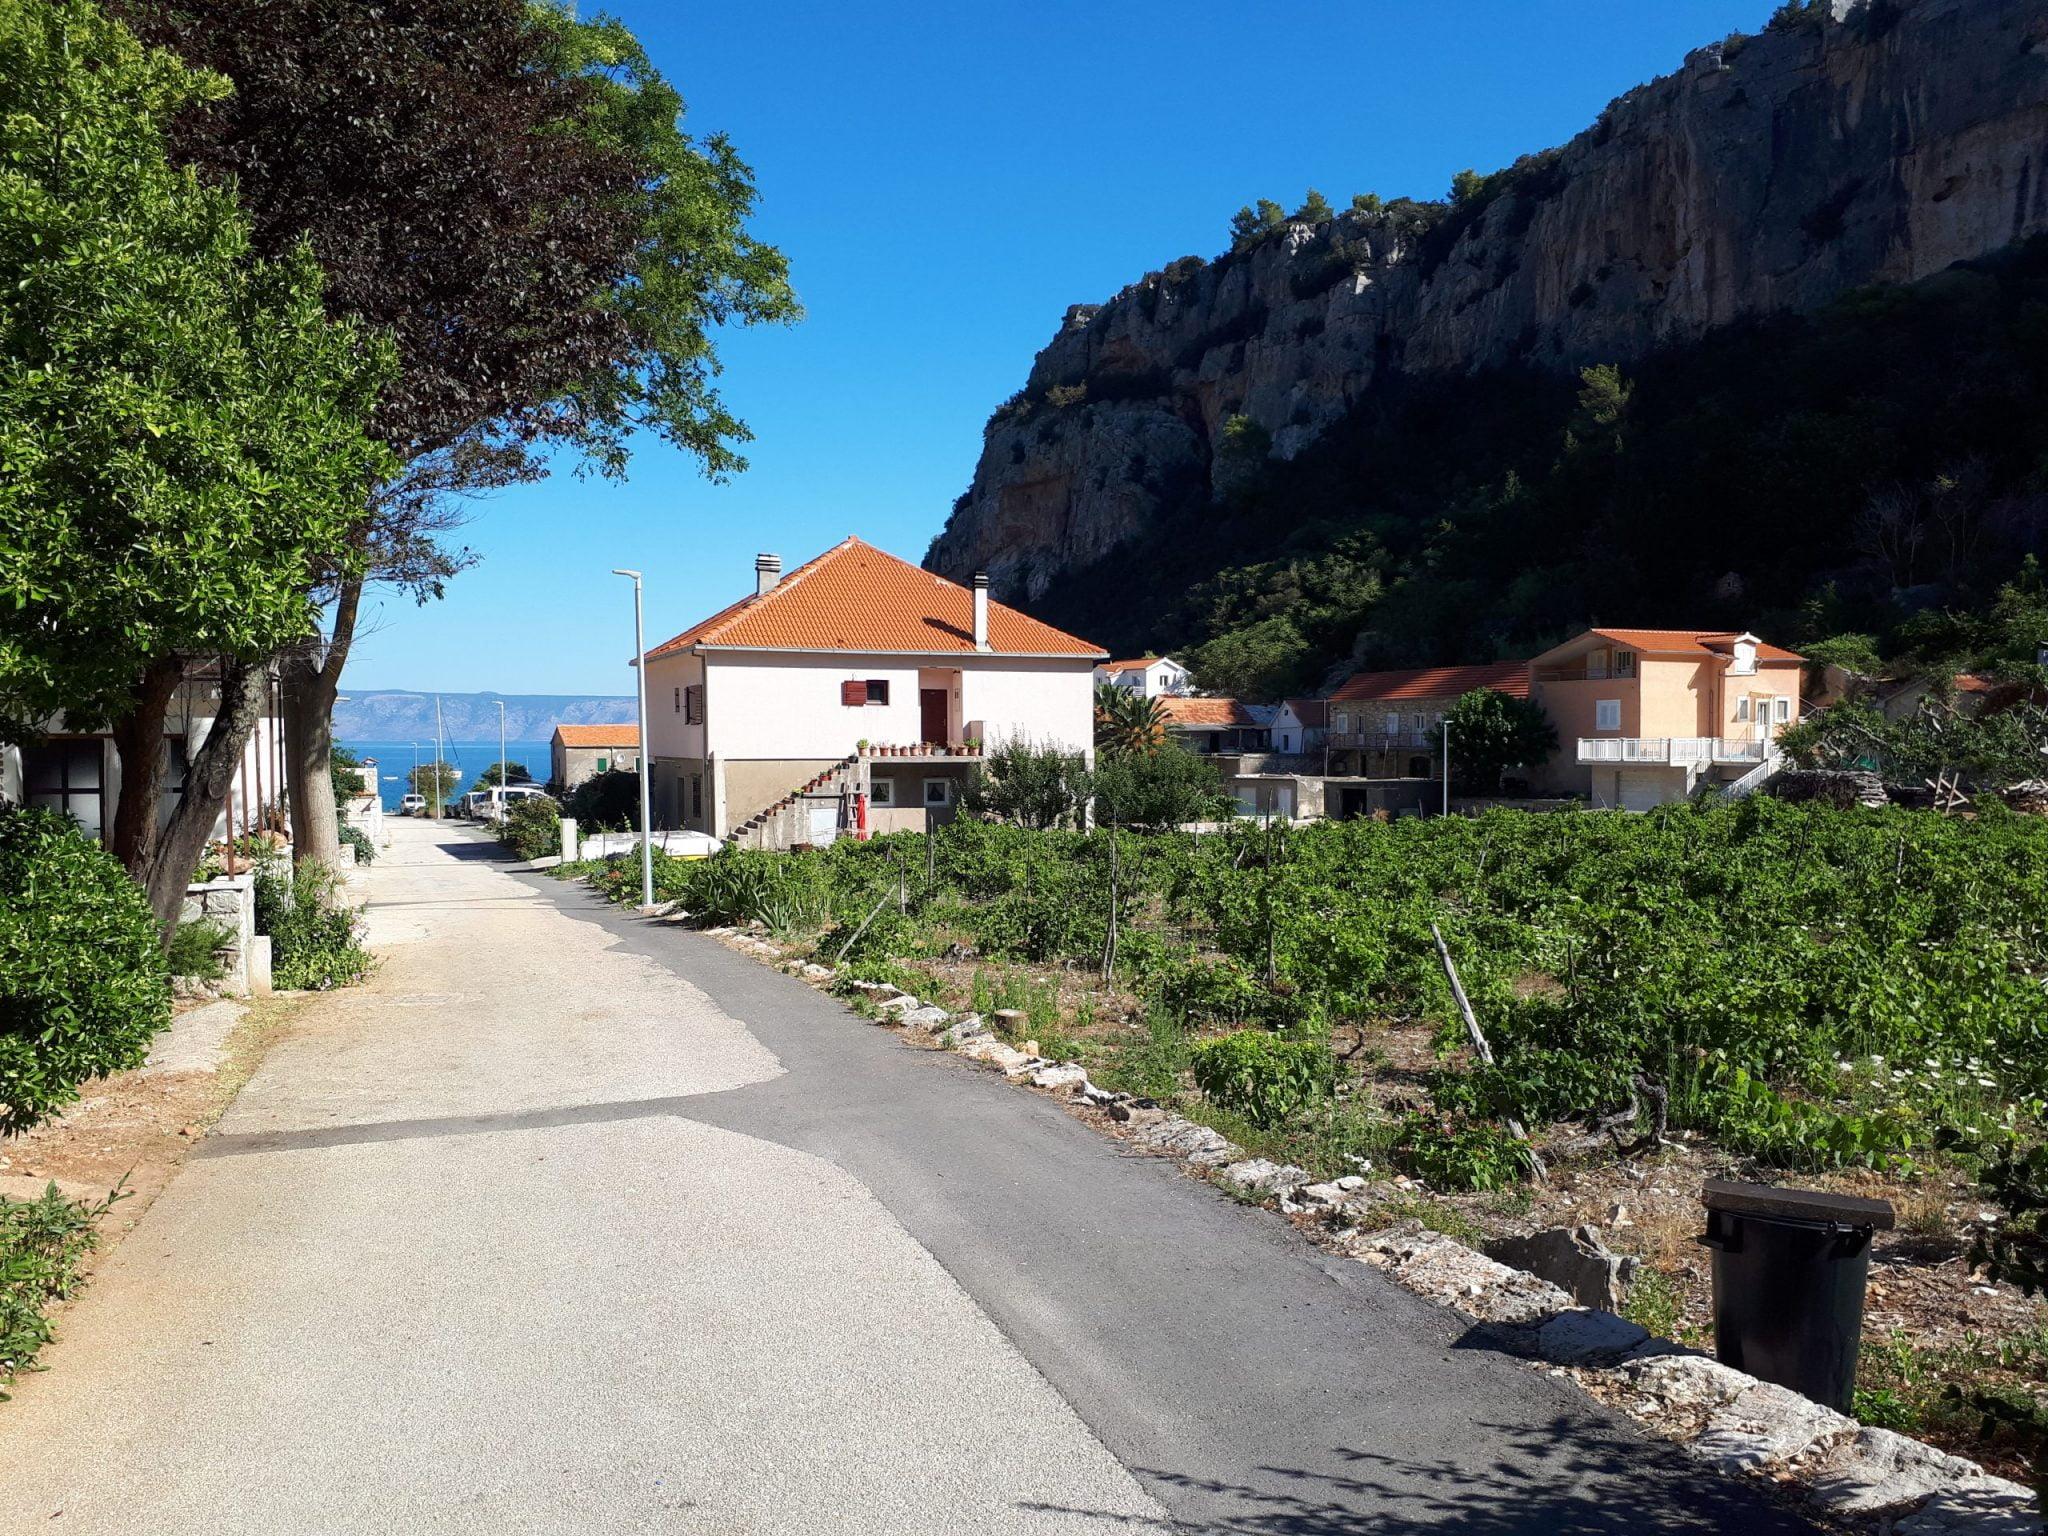 Vela Stiniva surrounded by rocks